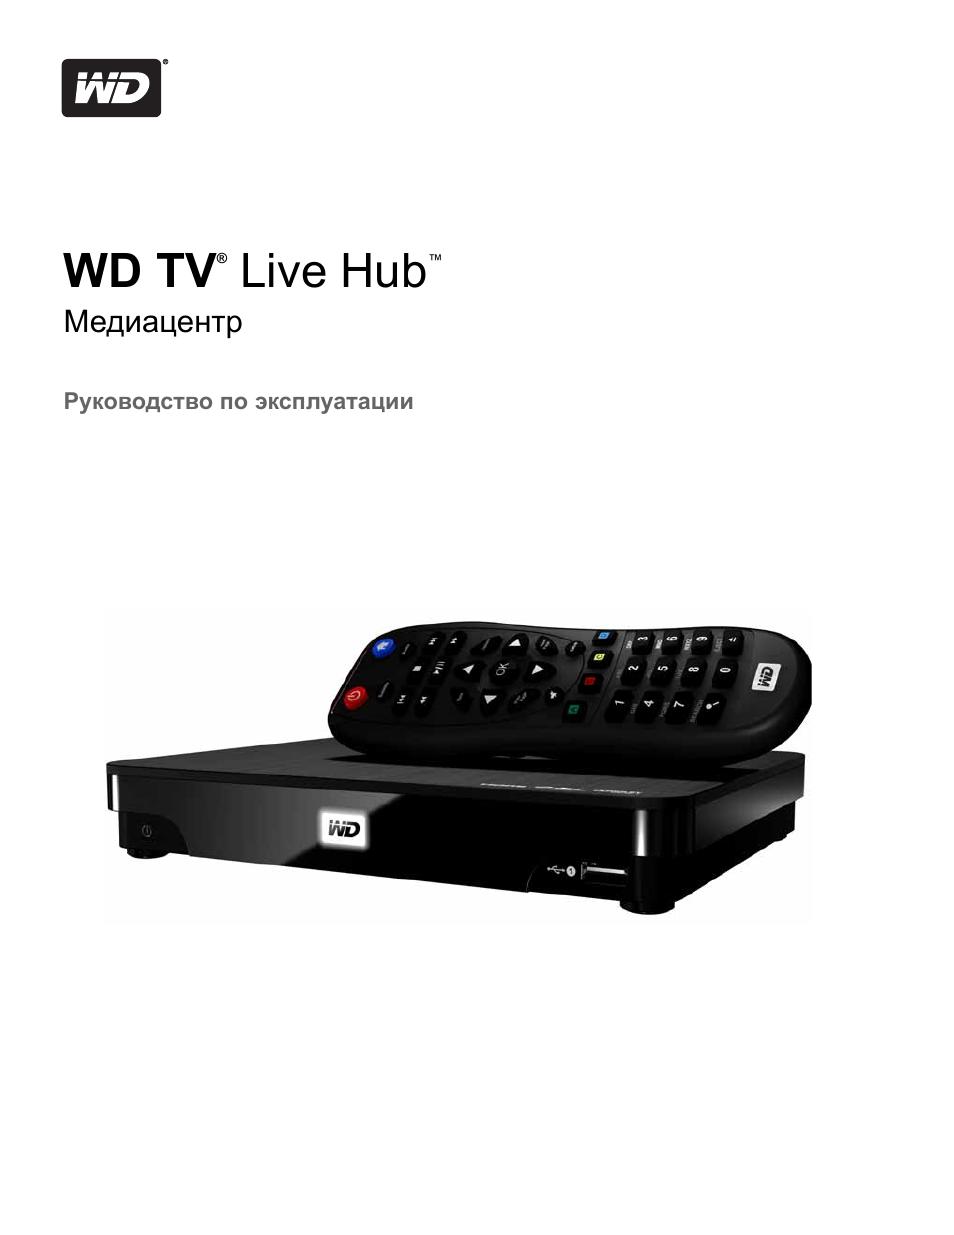 Скачать инструкция wd tv live